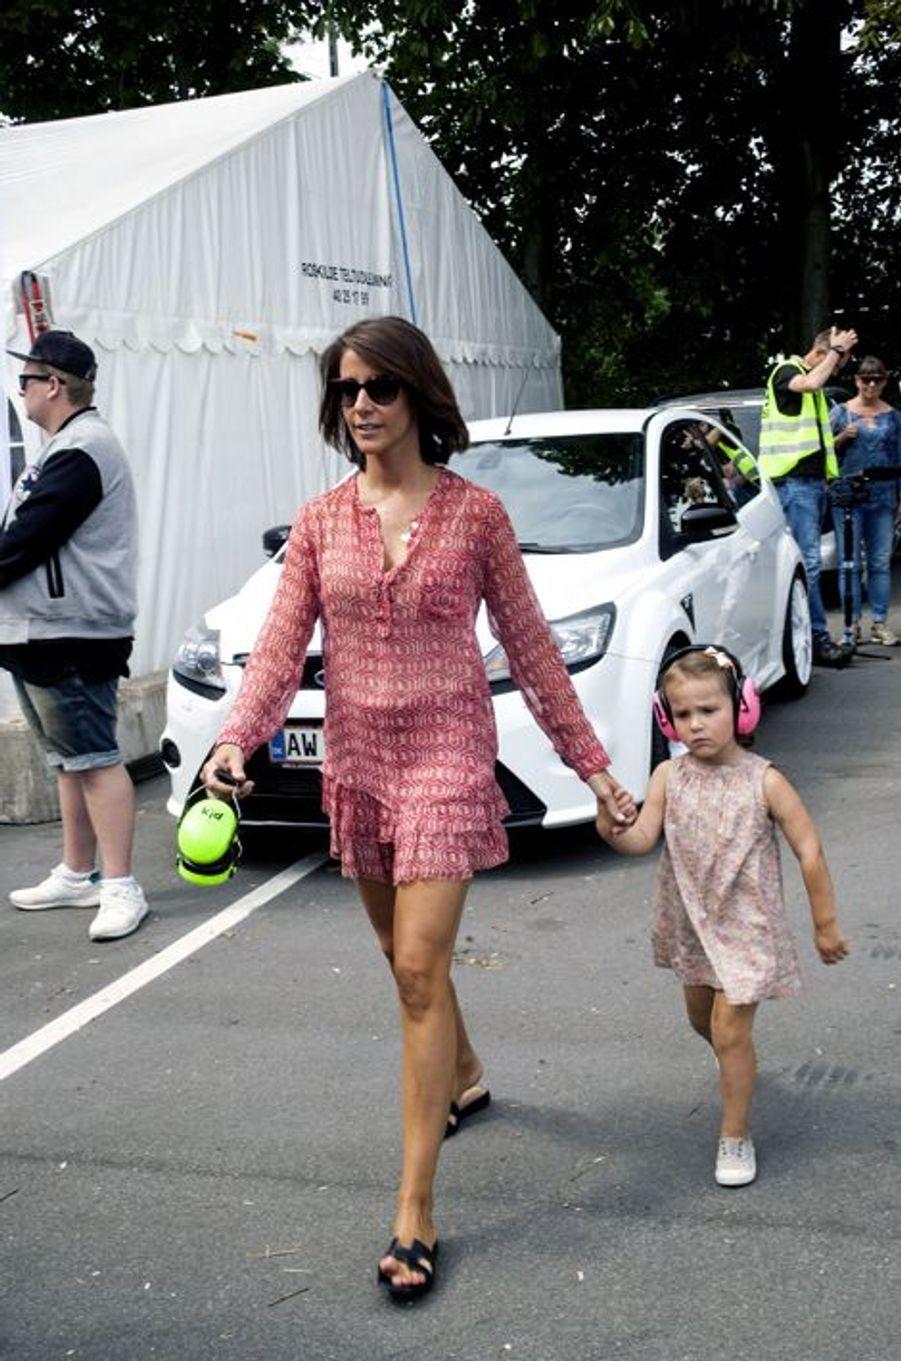 La princesse Marie de Danemark avec sa fille Athena à Copenhague, le 2 août 2015